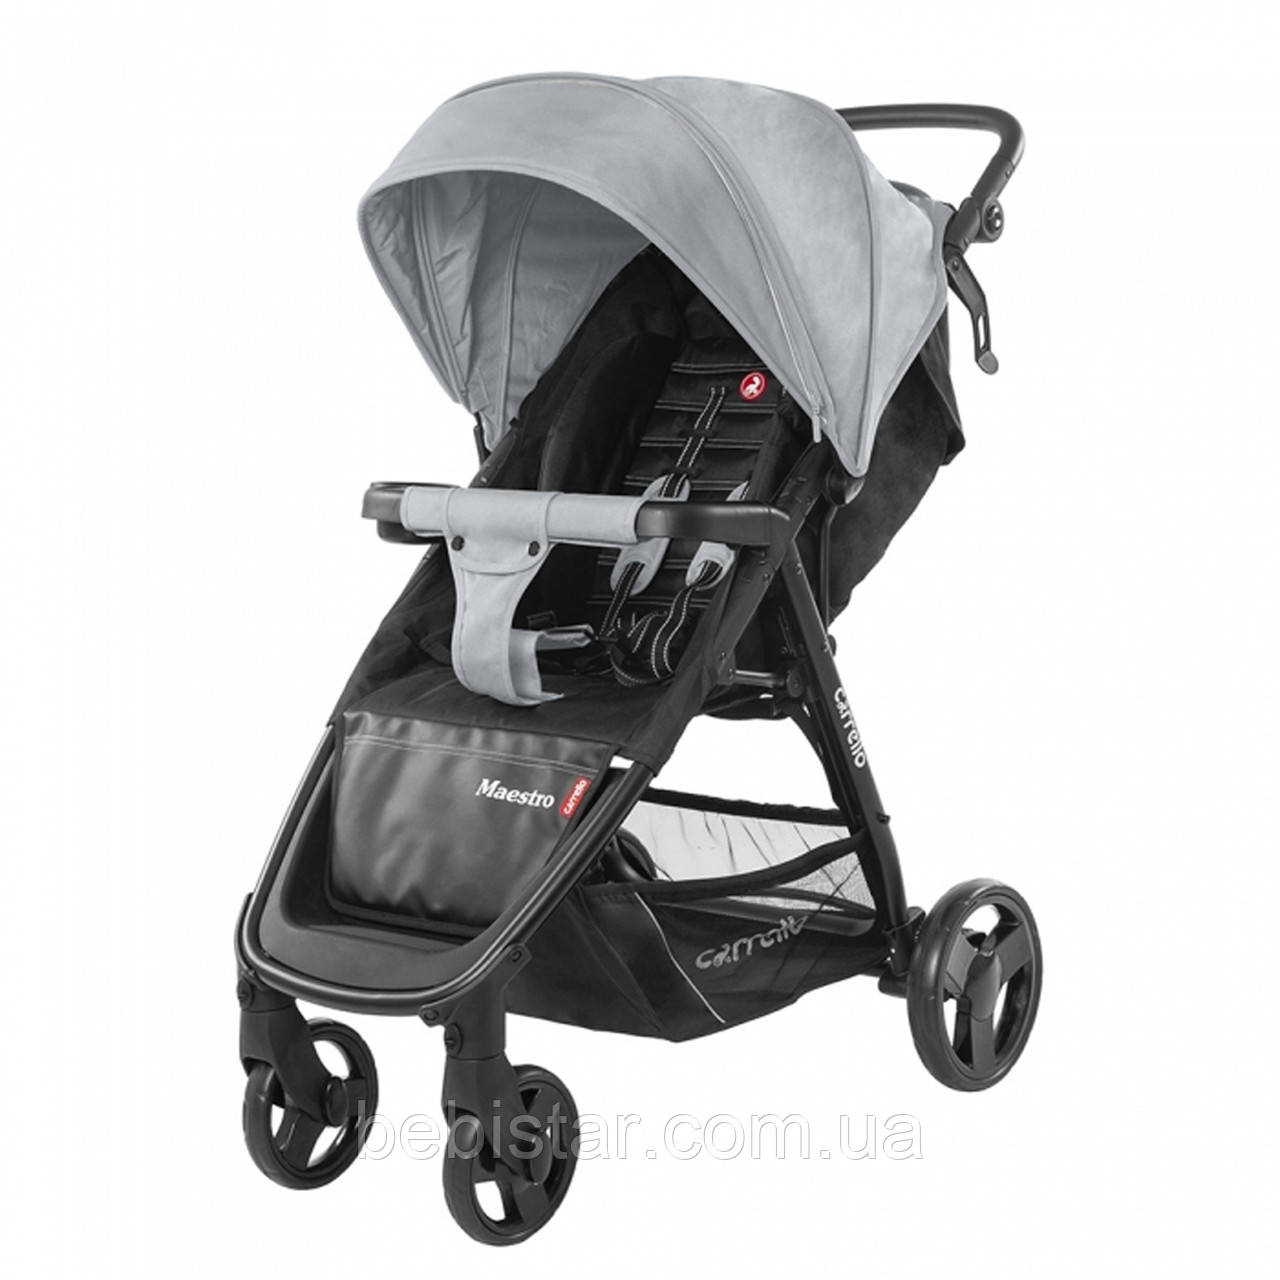 Детская прогулочная коляска серая CARRELLO Maestro CRL-1414 Pearl Grey с дождевиком